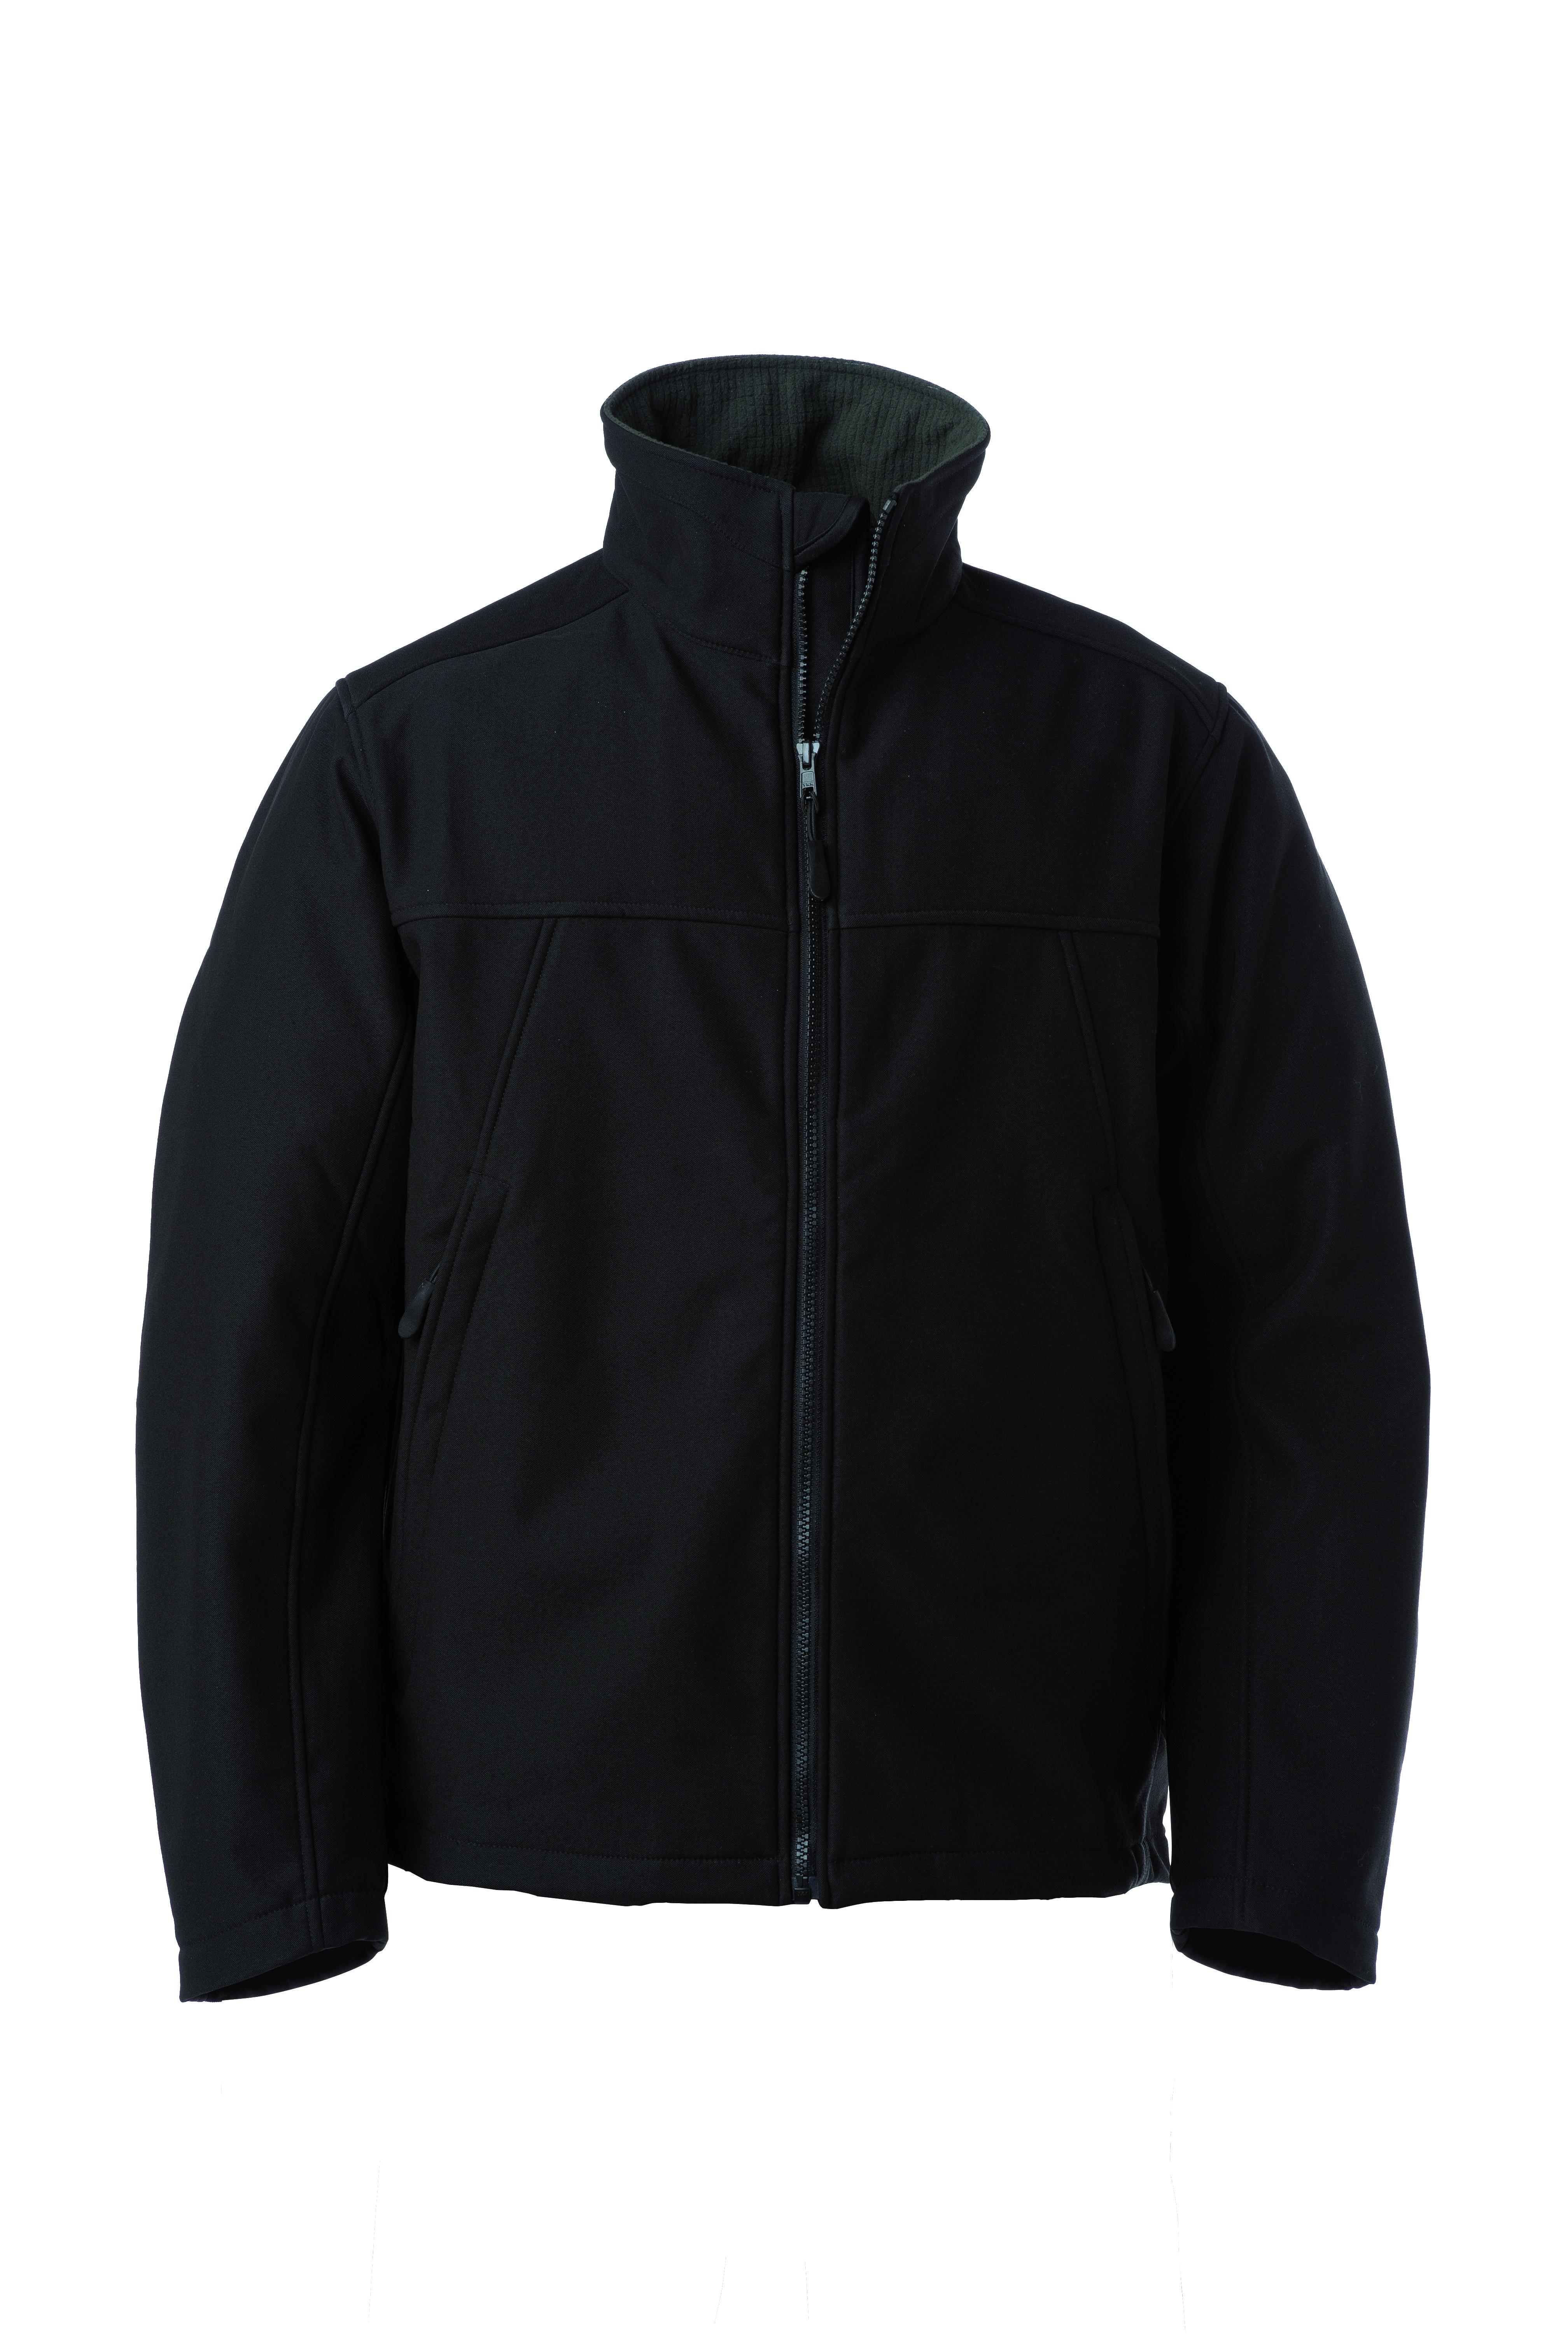 Workwear Shoftshell Jacket